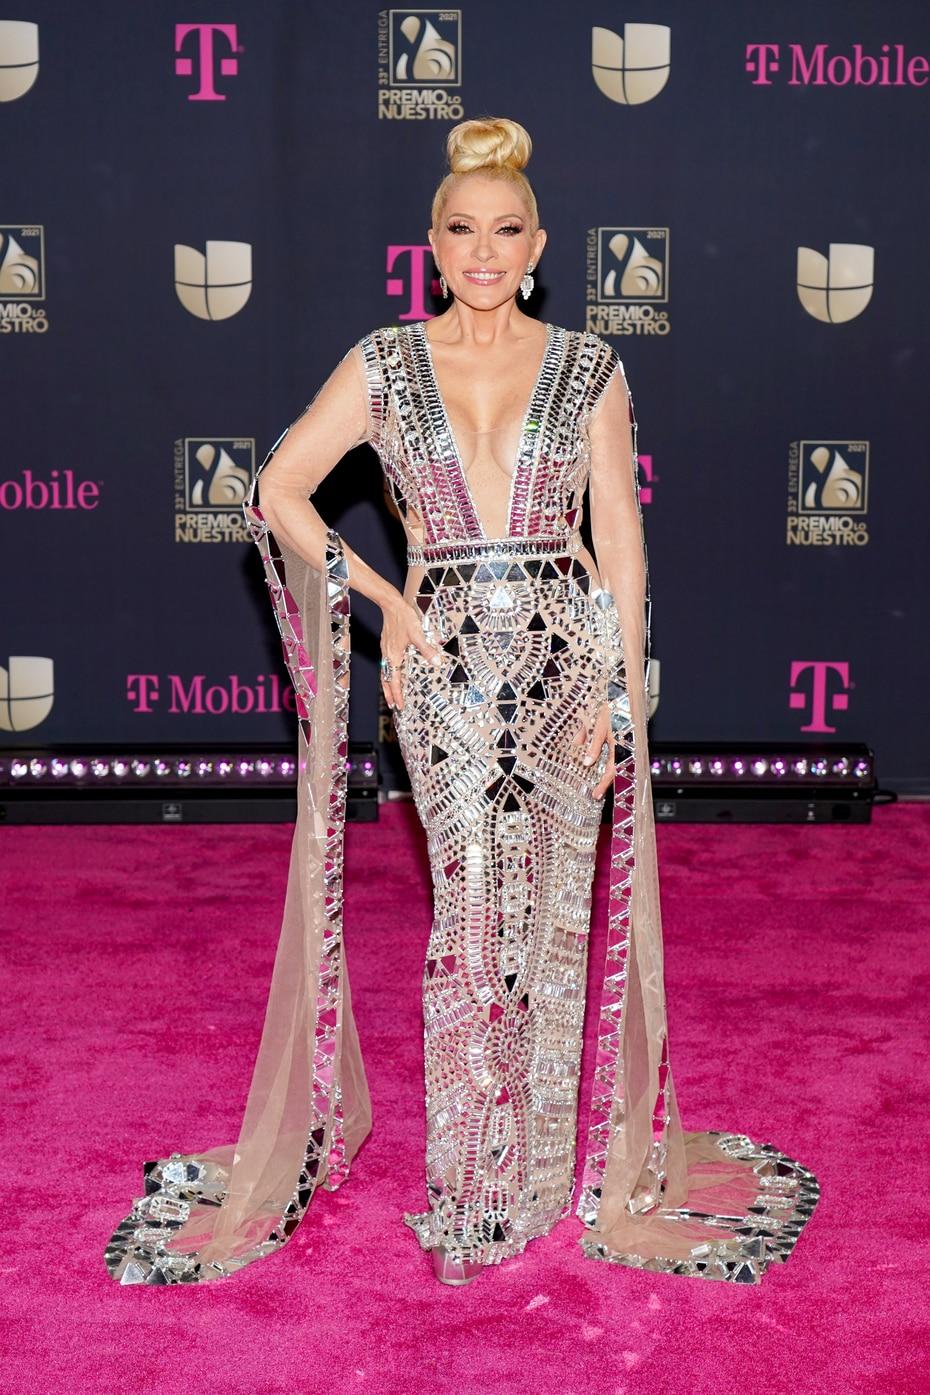 La cantante mexicana Yuri, quien fue parte del homenaje a Manzanero, lució espectacular.